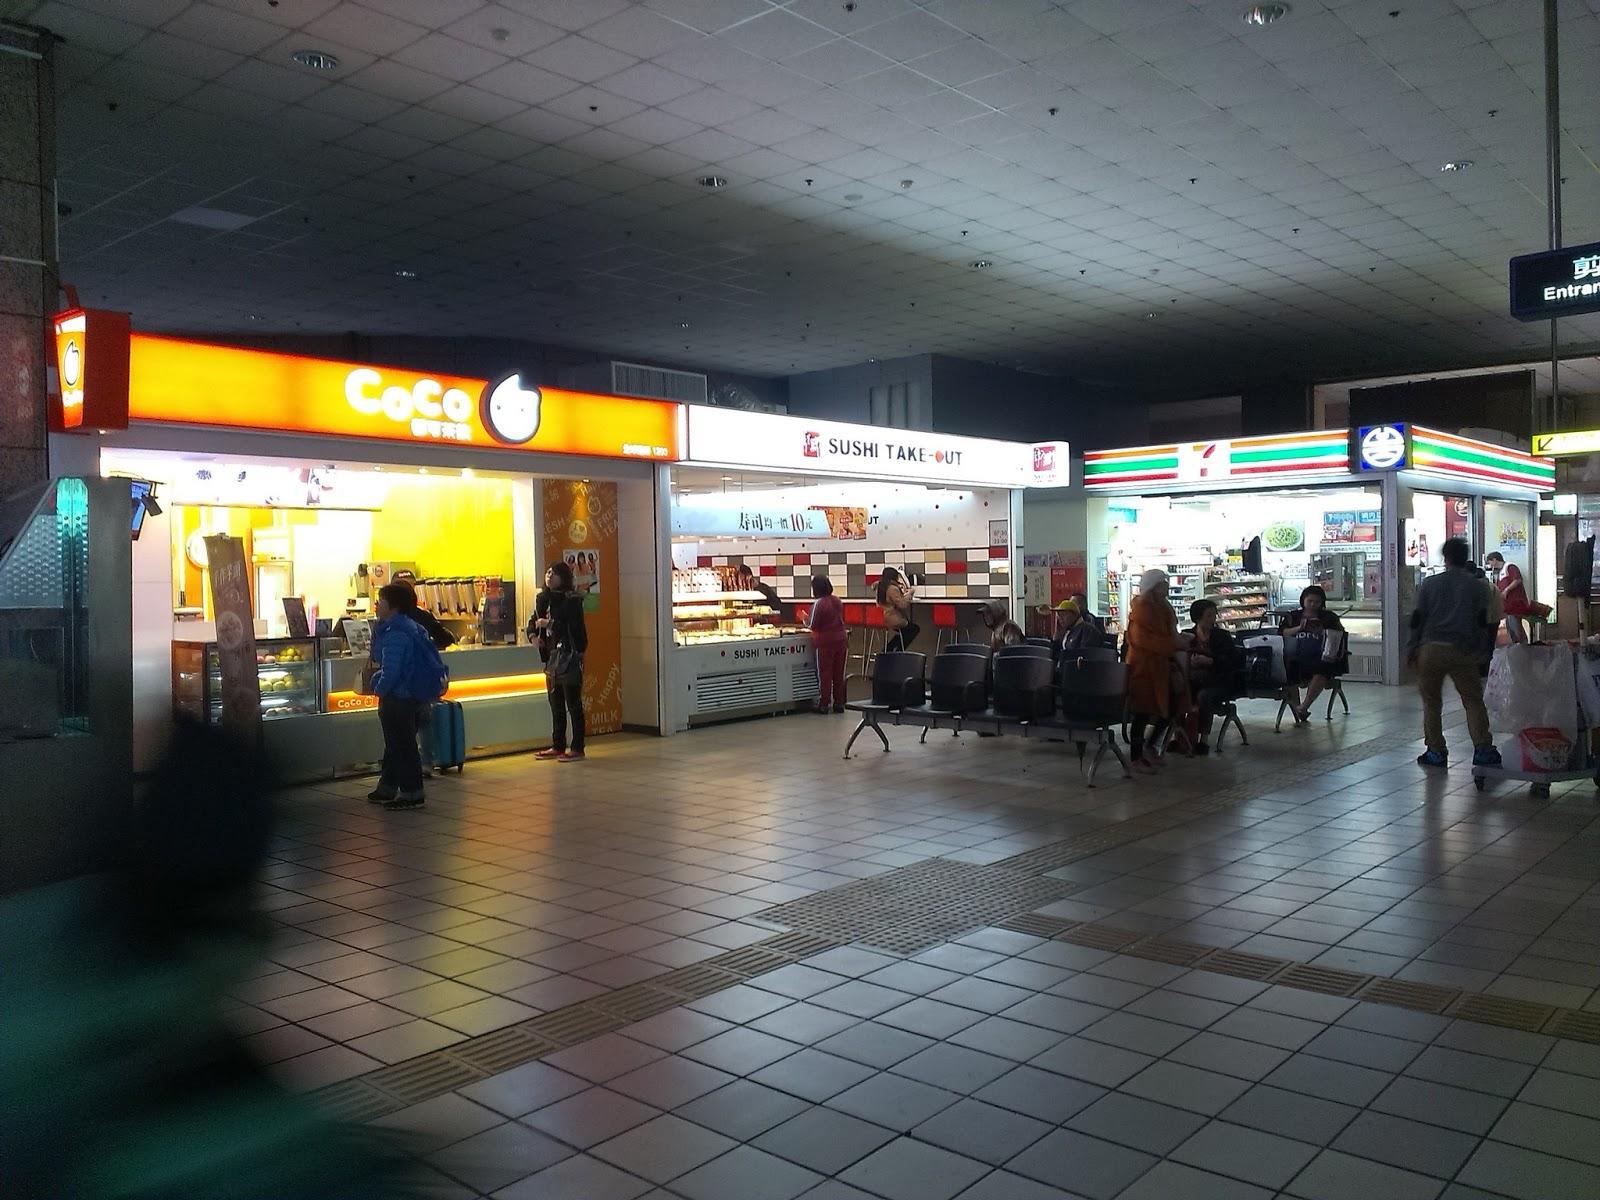 悠遊臺灣-樹林火車站